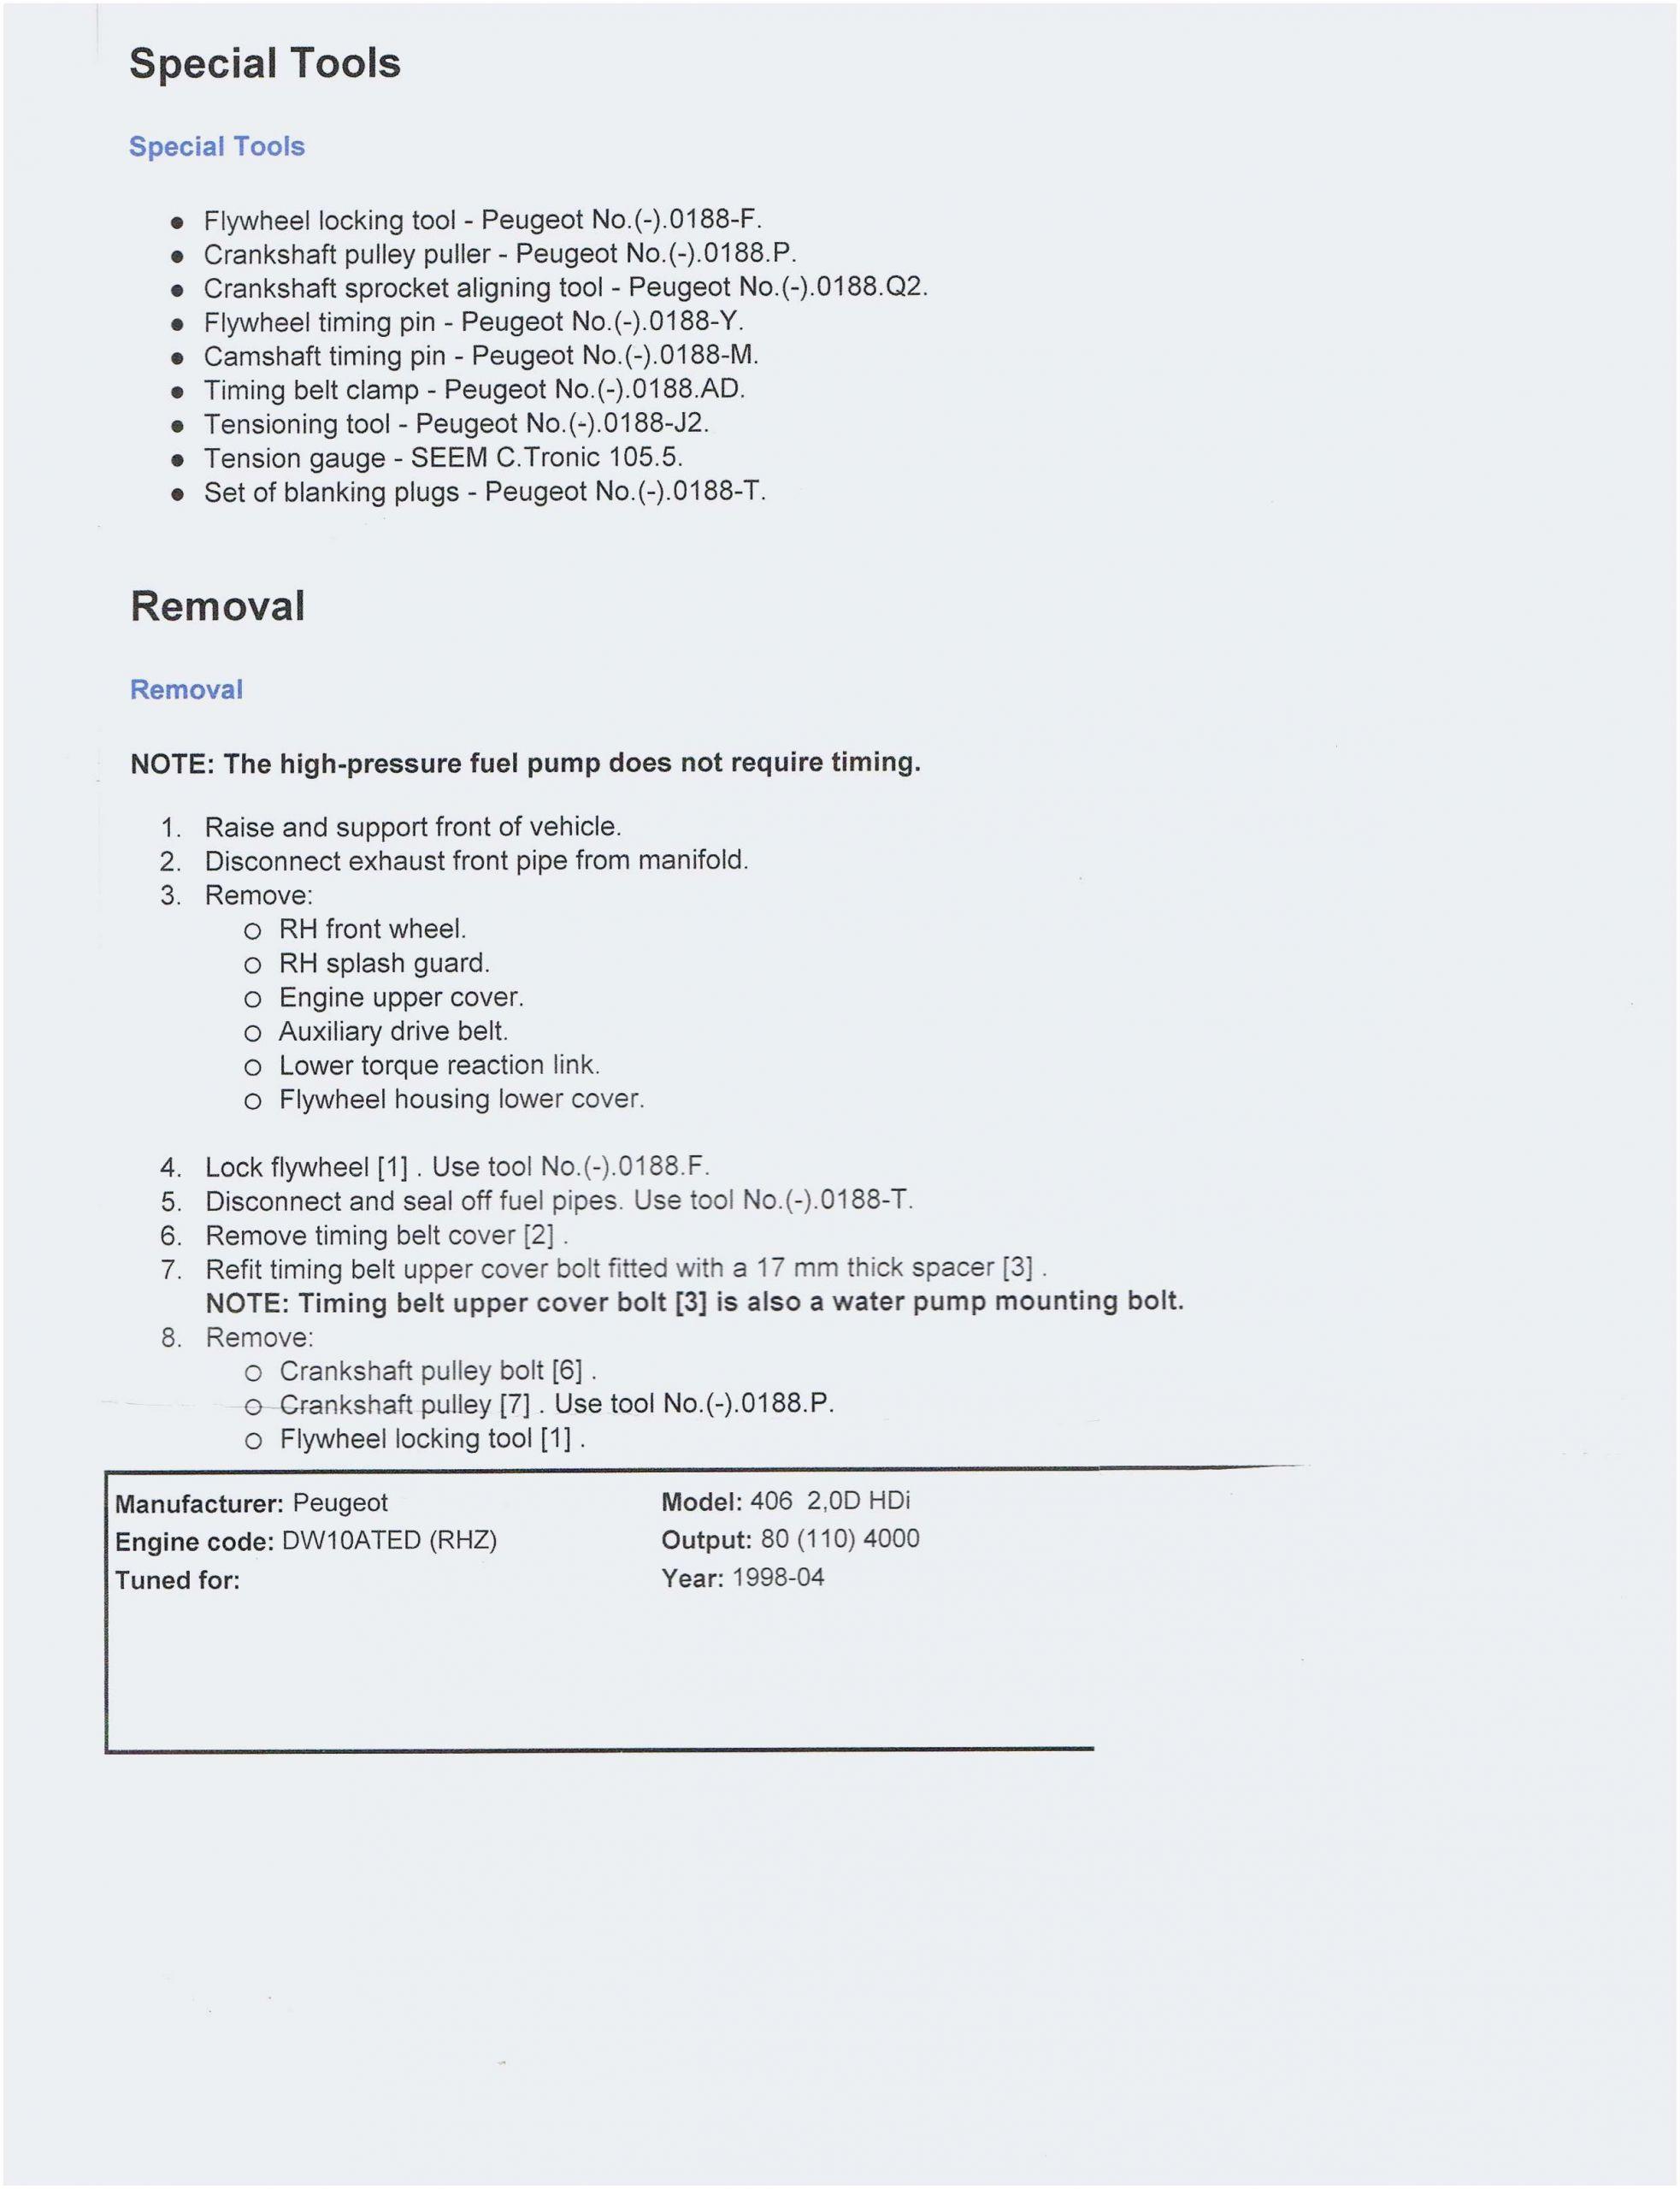 lettre de motivation formation informatique 47 lettre de motivation formation informatique of lettre de motivation formation informatique